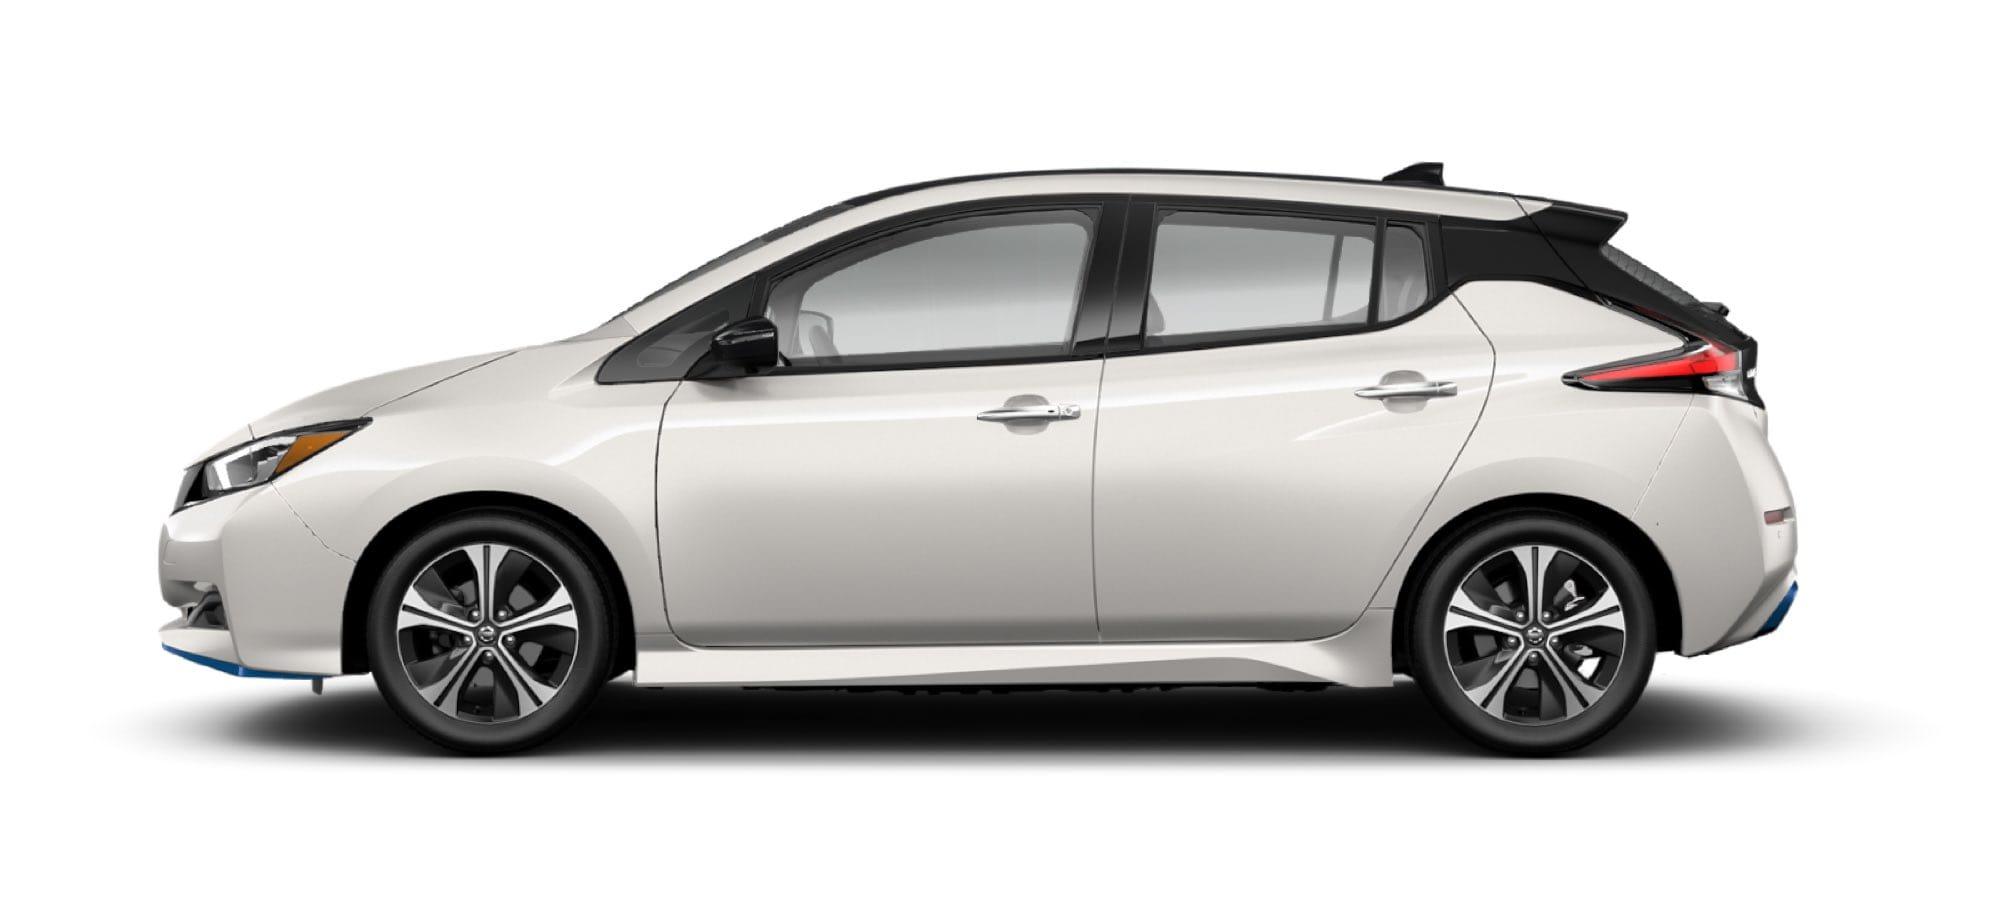 2021 Nissan LEAF Two-Tone Pearl White Tri-Coat/Super Black